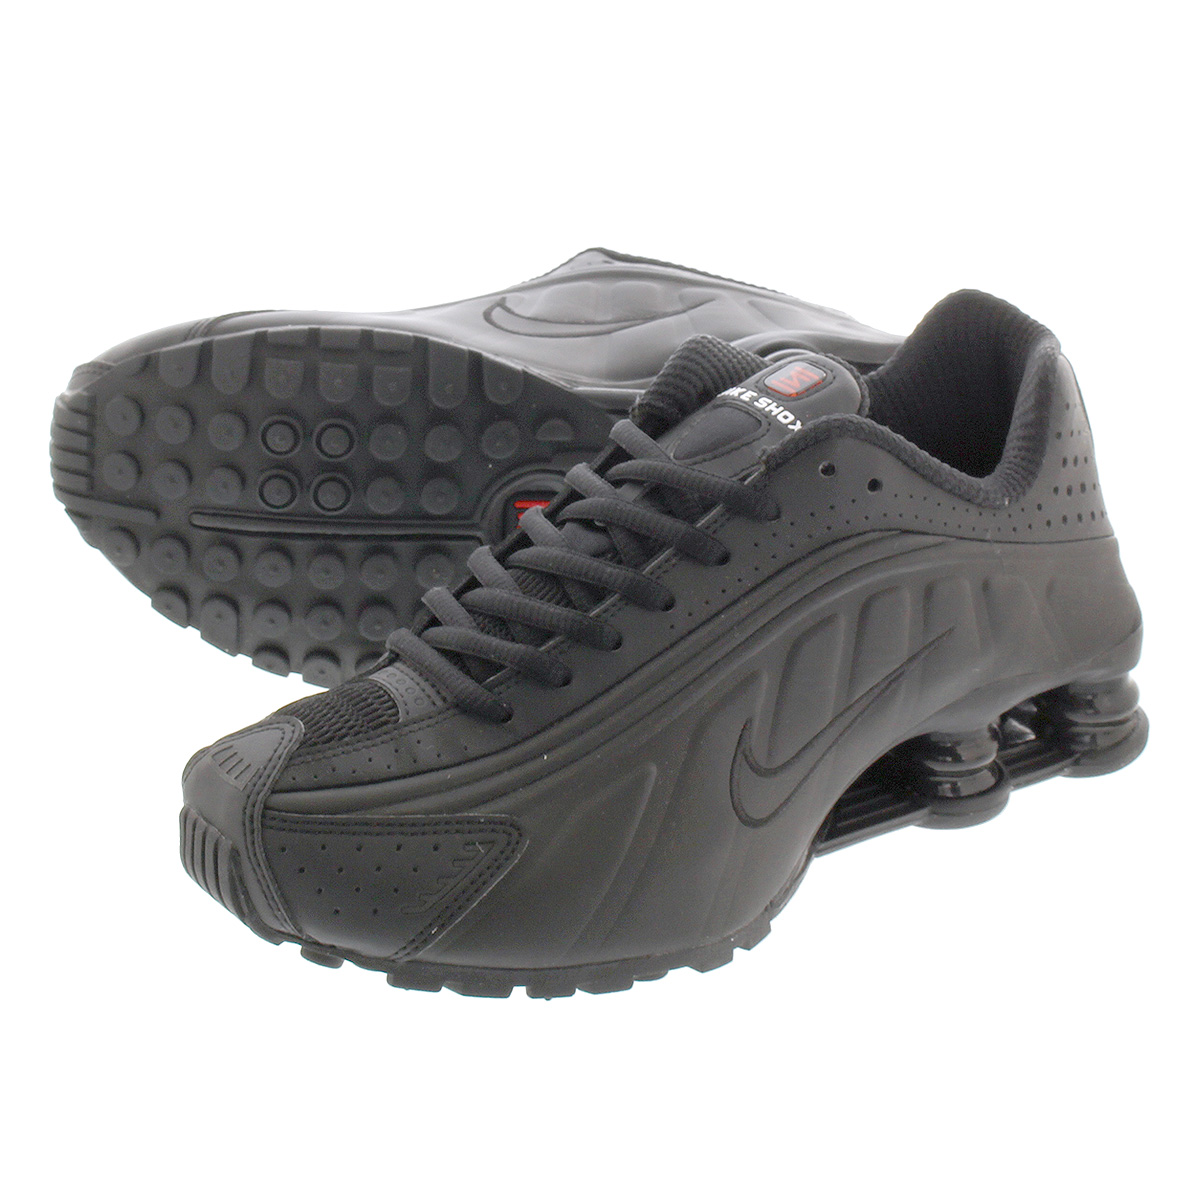 new arrival c1640 9b23f NIKE SHOX R4 Nike shocks R4 BLACK/BLACK/BLACK/MAX ORANGE ar3565-004